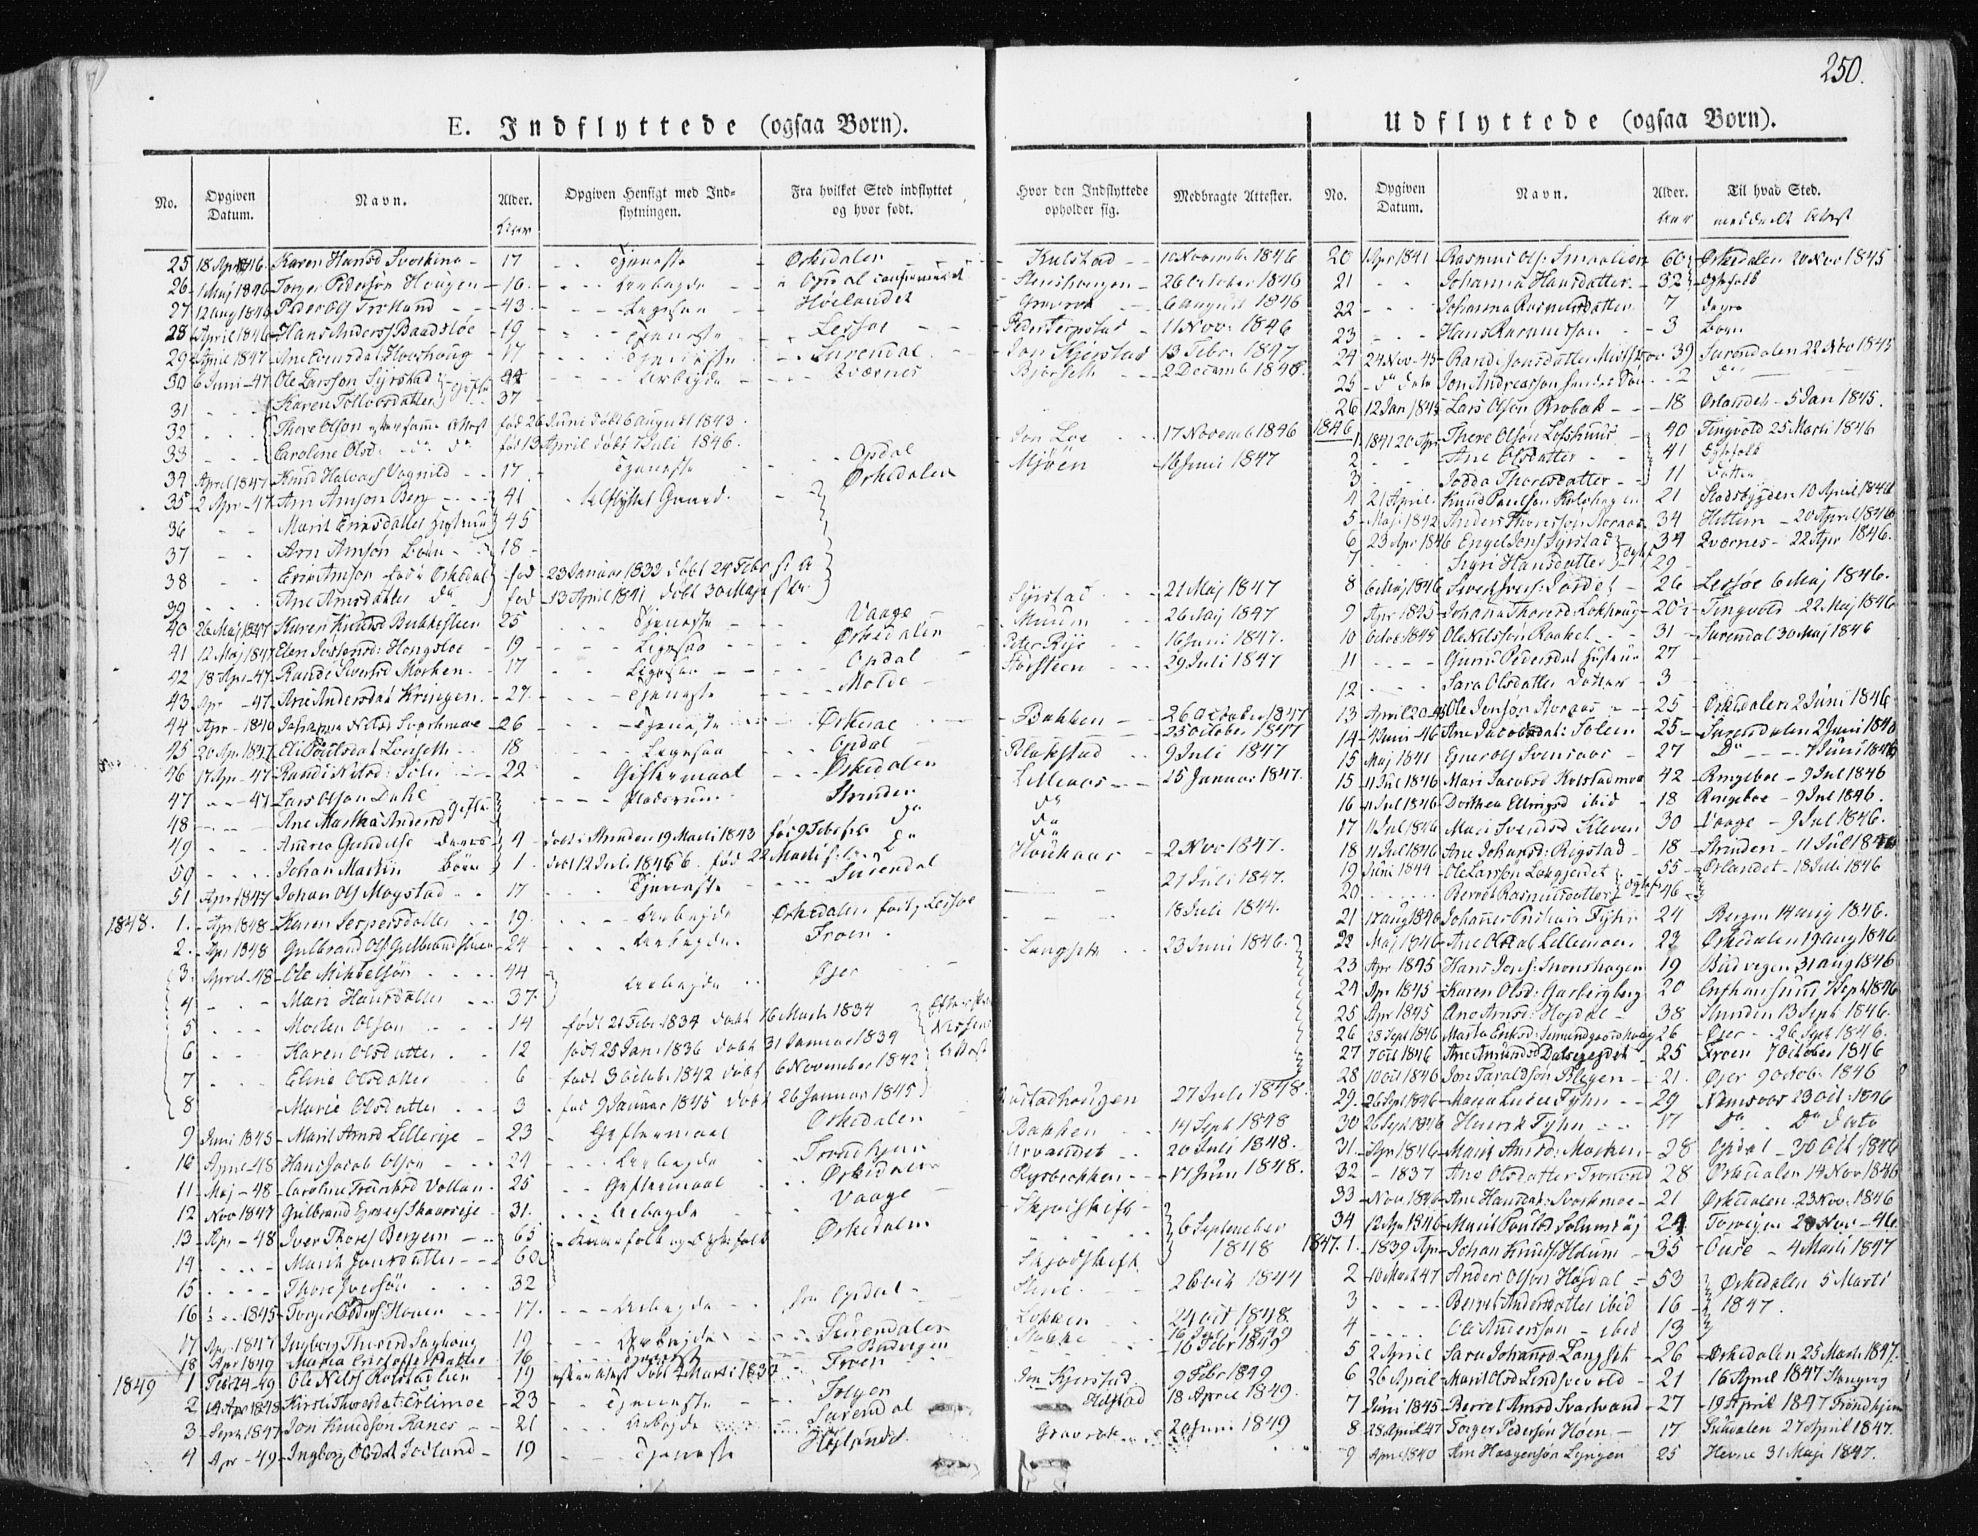 SAT, Ministerialprotokoller, klokkerbøker og fødselsregistre - Sør-Trøndelag, 672/L0855: Ministerialbok nr. 672A07, 1829-1860, s. 250